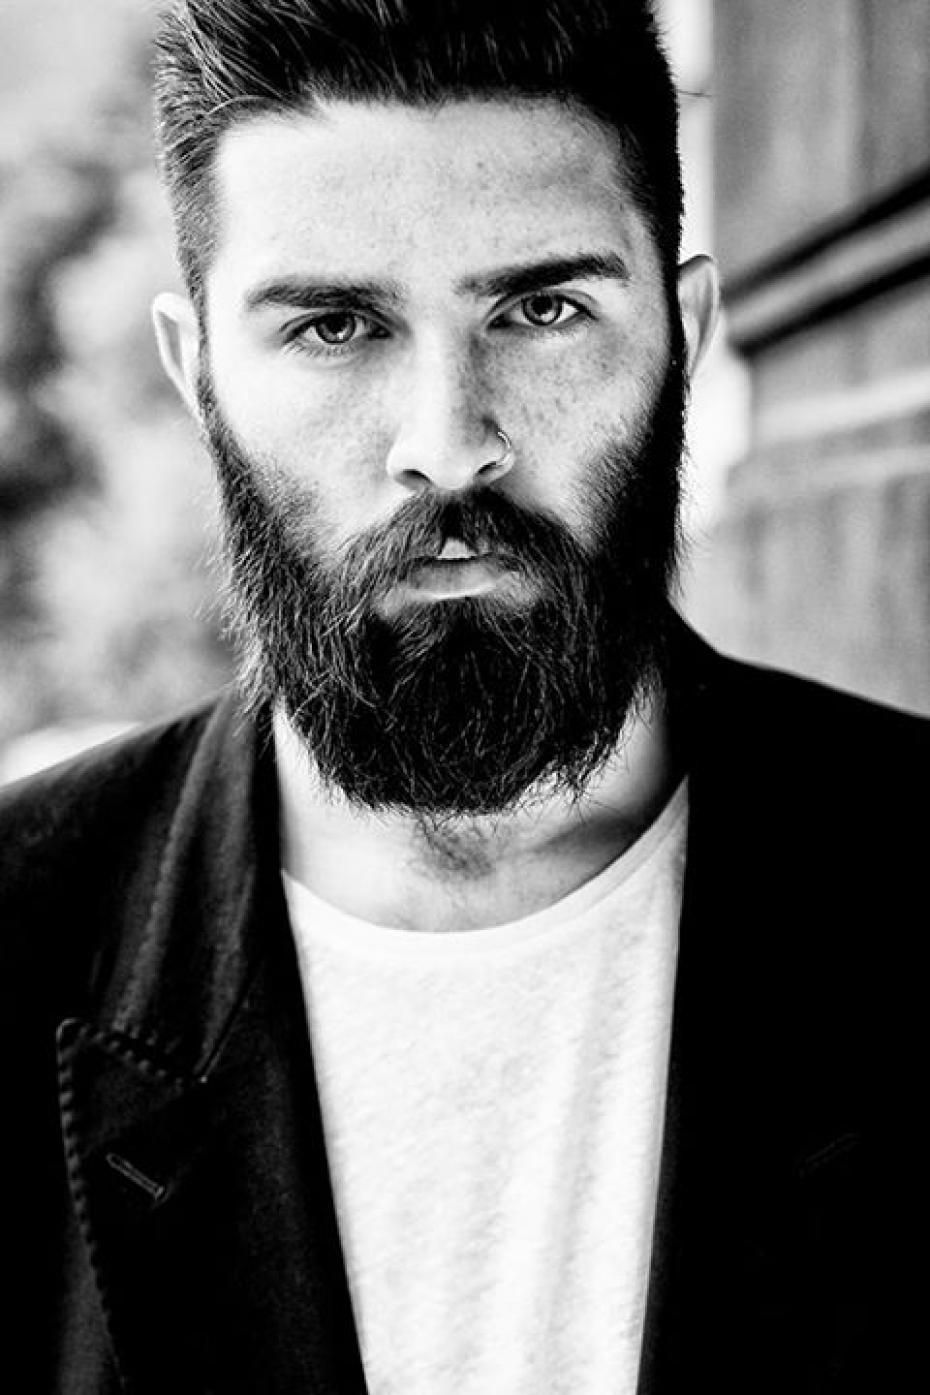 les incontournables du style la barbe un style pas rasoir taille barbe barbes hipster et. Black Bedroom Furniture Sets. Home Design Ideas